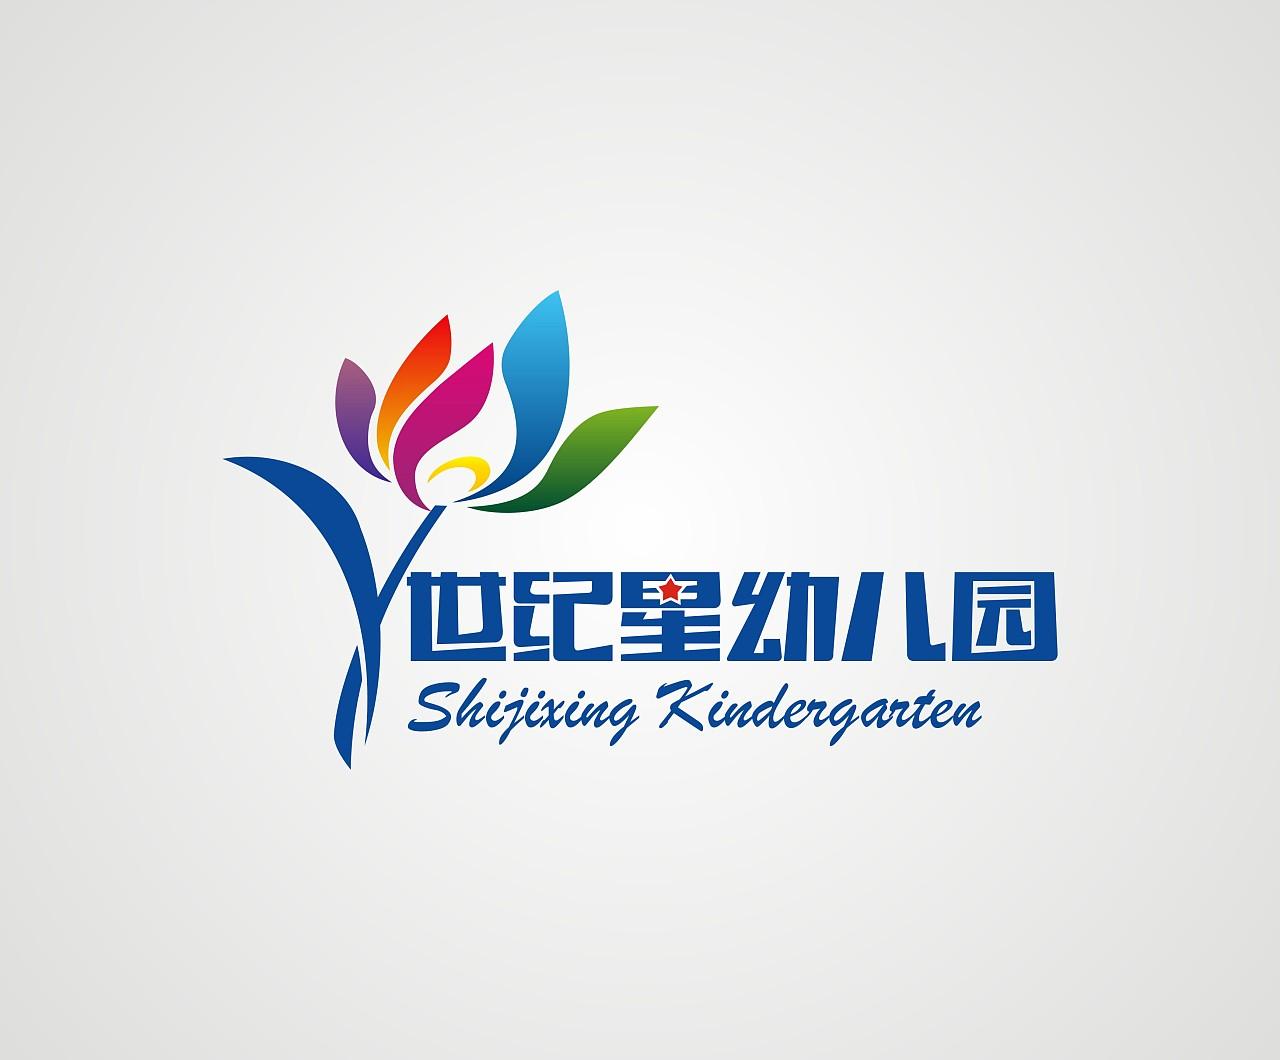 世纪星幼儿园logo织金电路织金v电路织金传媒revit中视频绘制广告图片